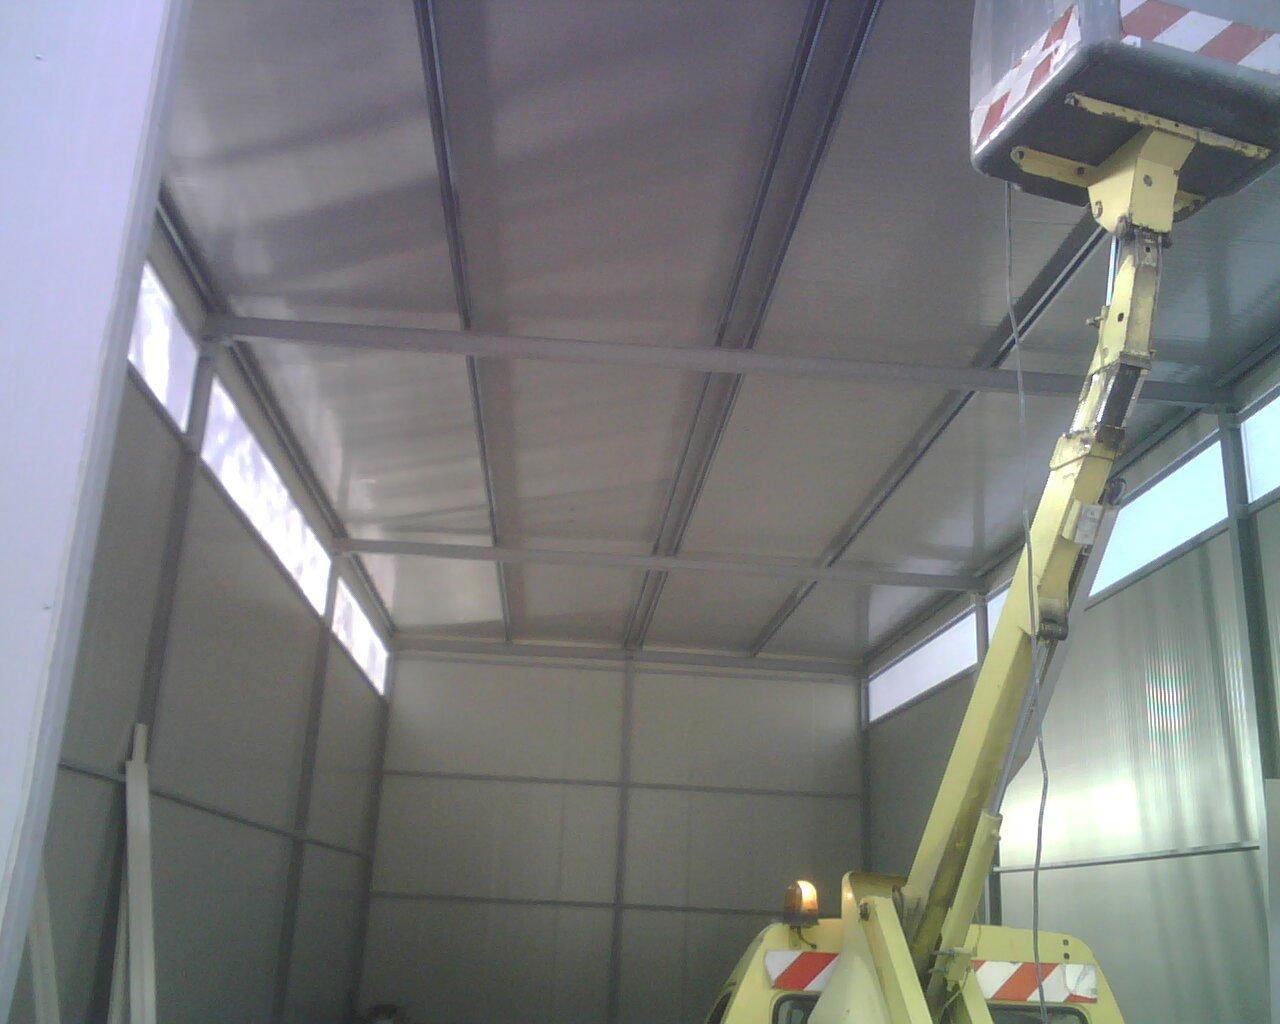 interno di un magazzino con struttura in ferro per coperture industriali e un camioncino giallo con un braccio elevatore